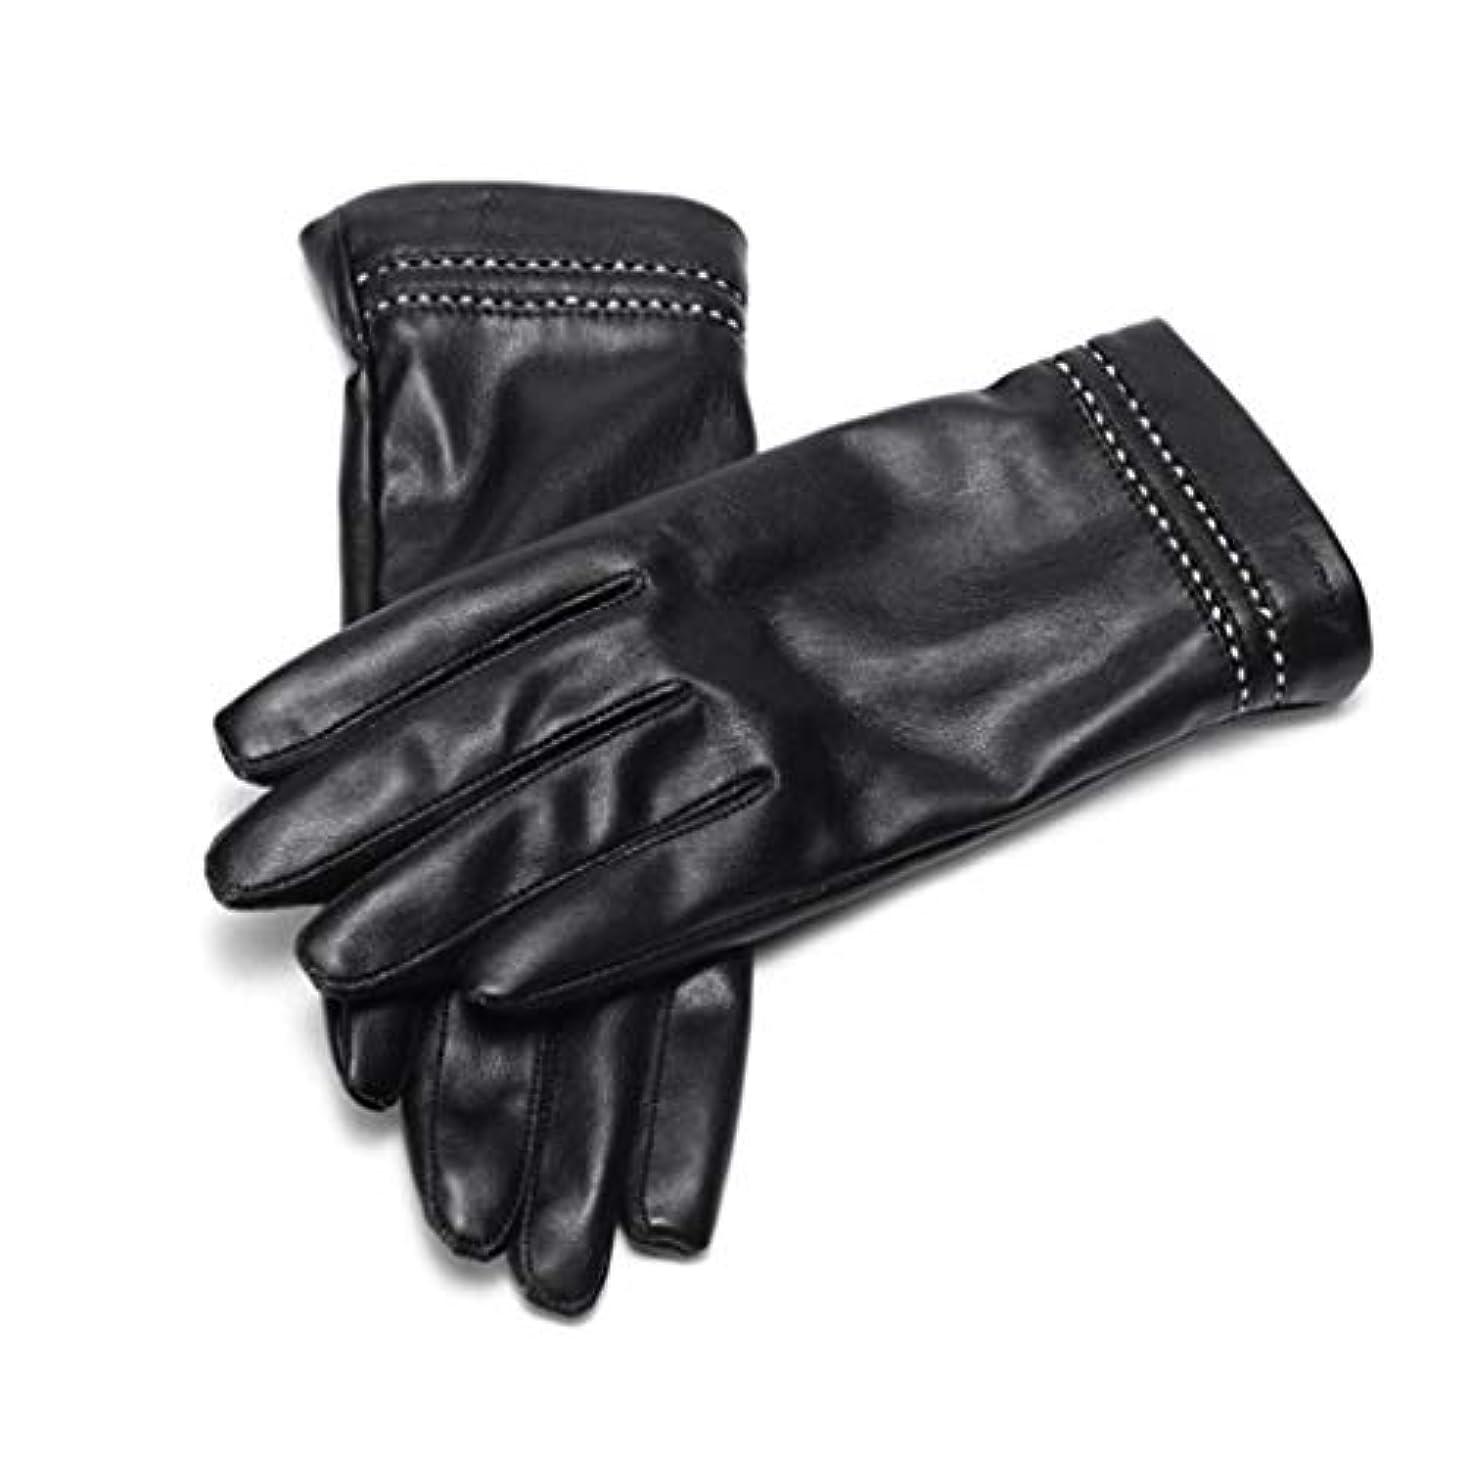 今まで半径パーク女性の革手袋秋と冬のファッションプラスベルベット暖かい滑り止めのタッチスクリーン革手袋の女性671141003黒